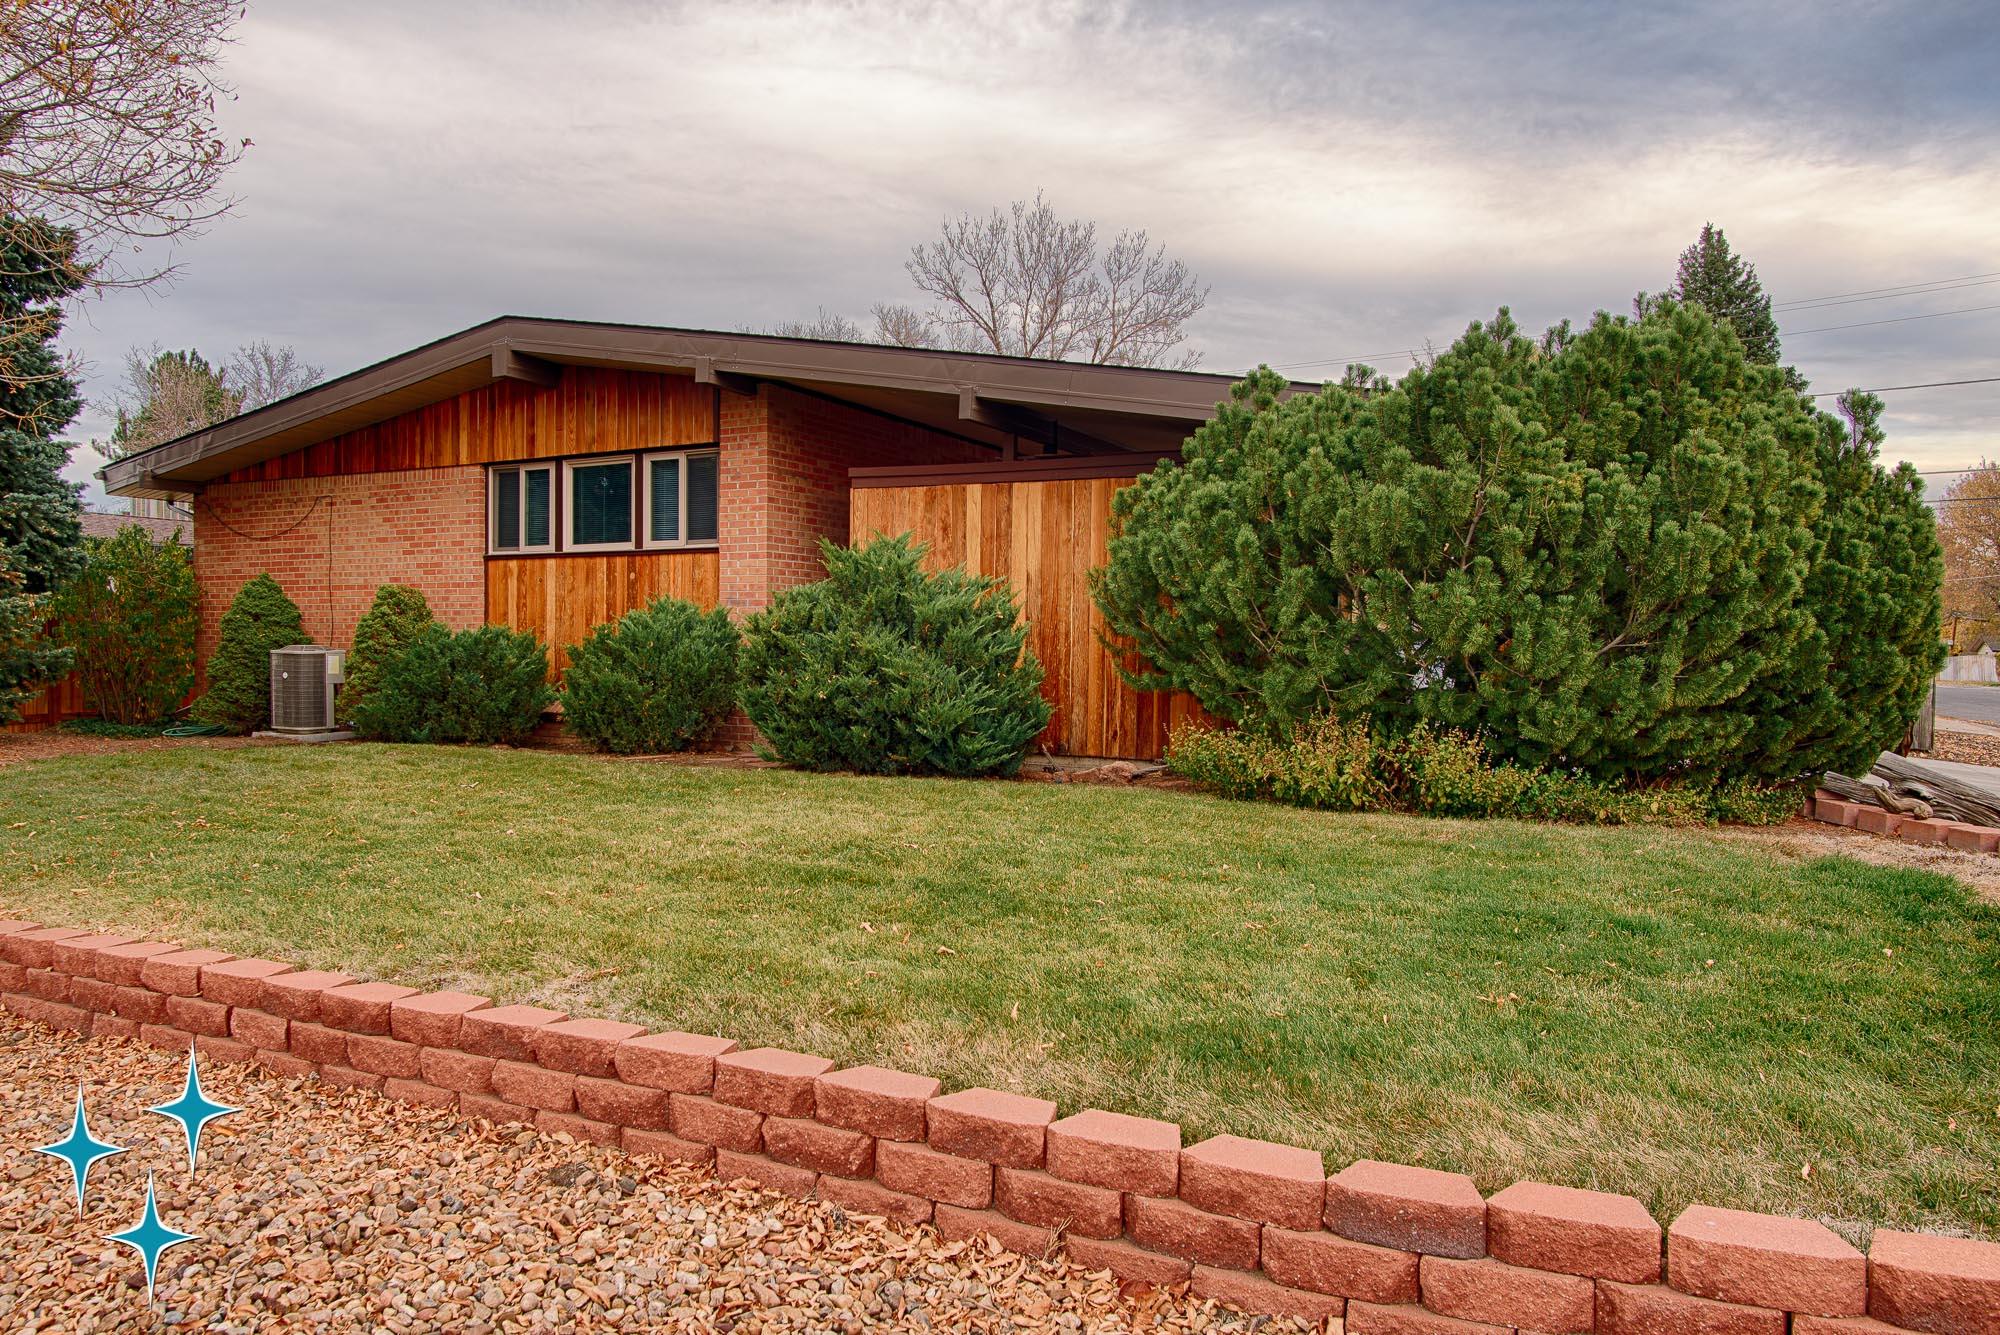 Adrian-Kinney-4155-W-Iliff-Avenue-Denver-r-Carey-Holiday-Home-2000w50-3SWM-2.jpg